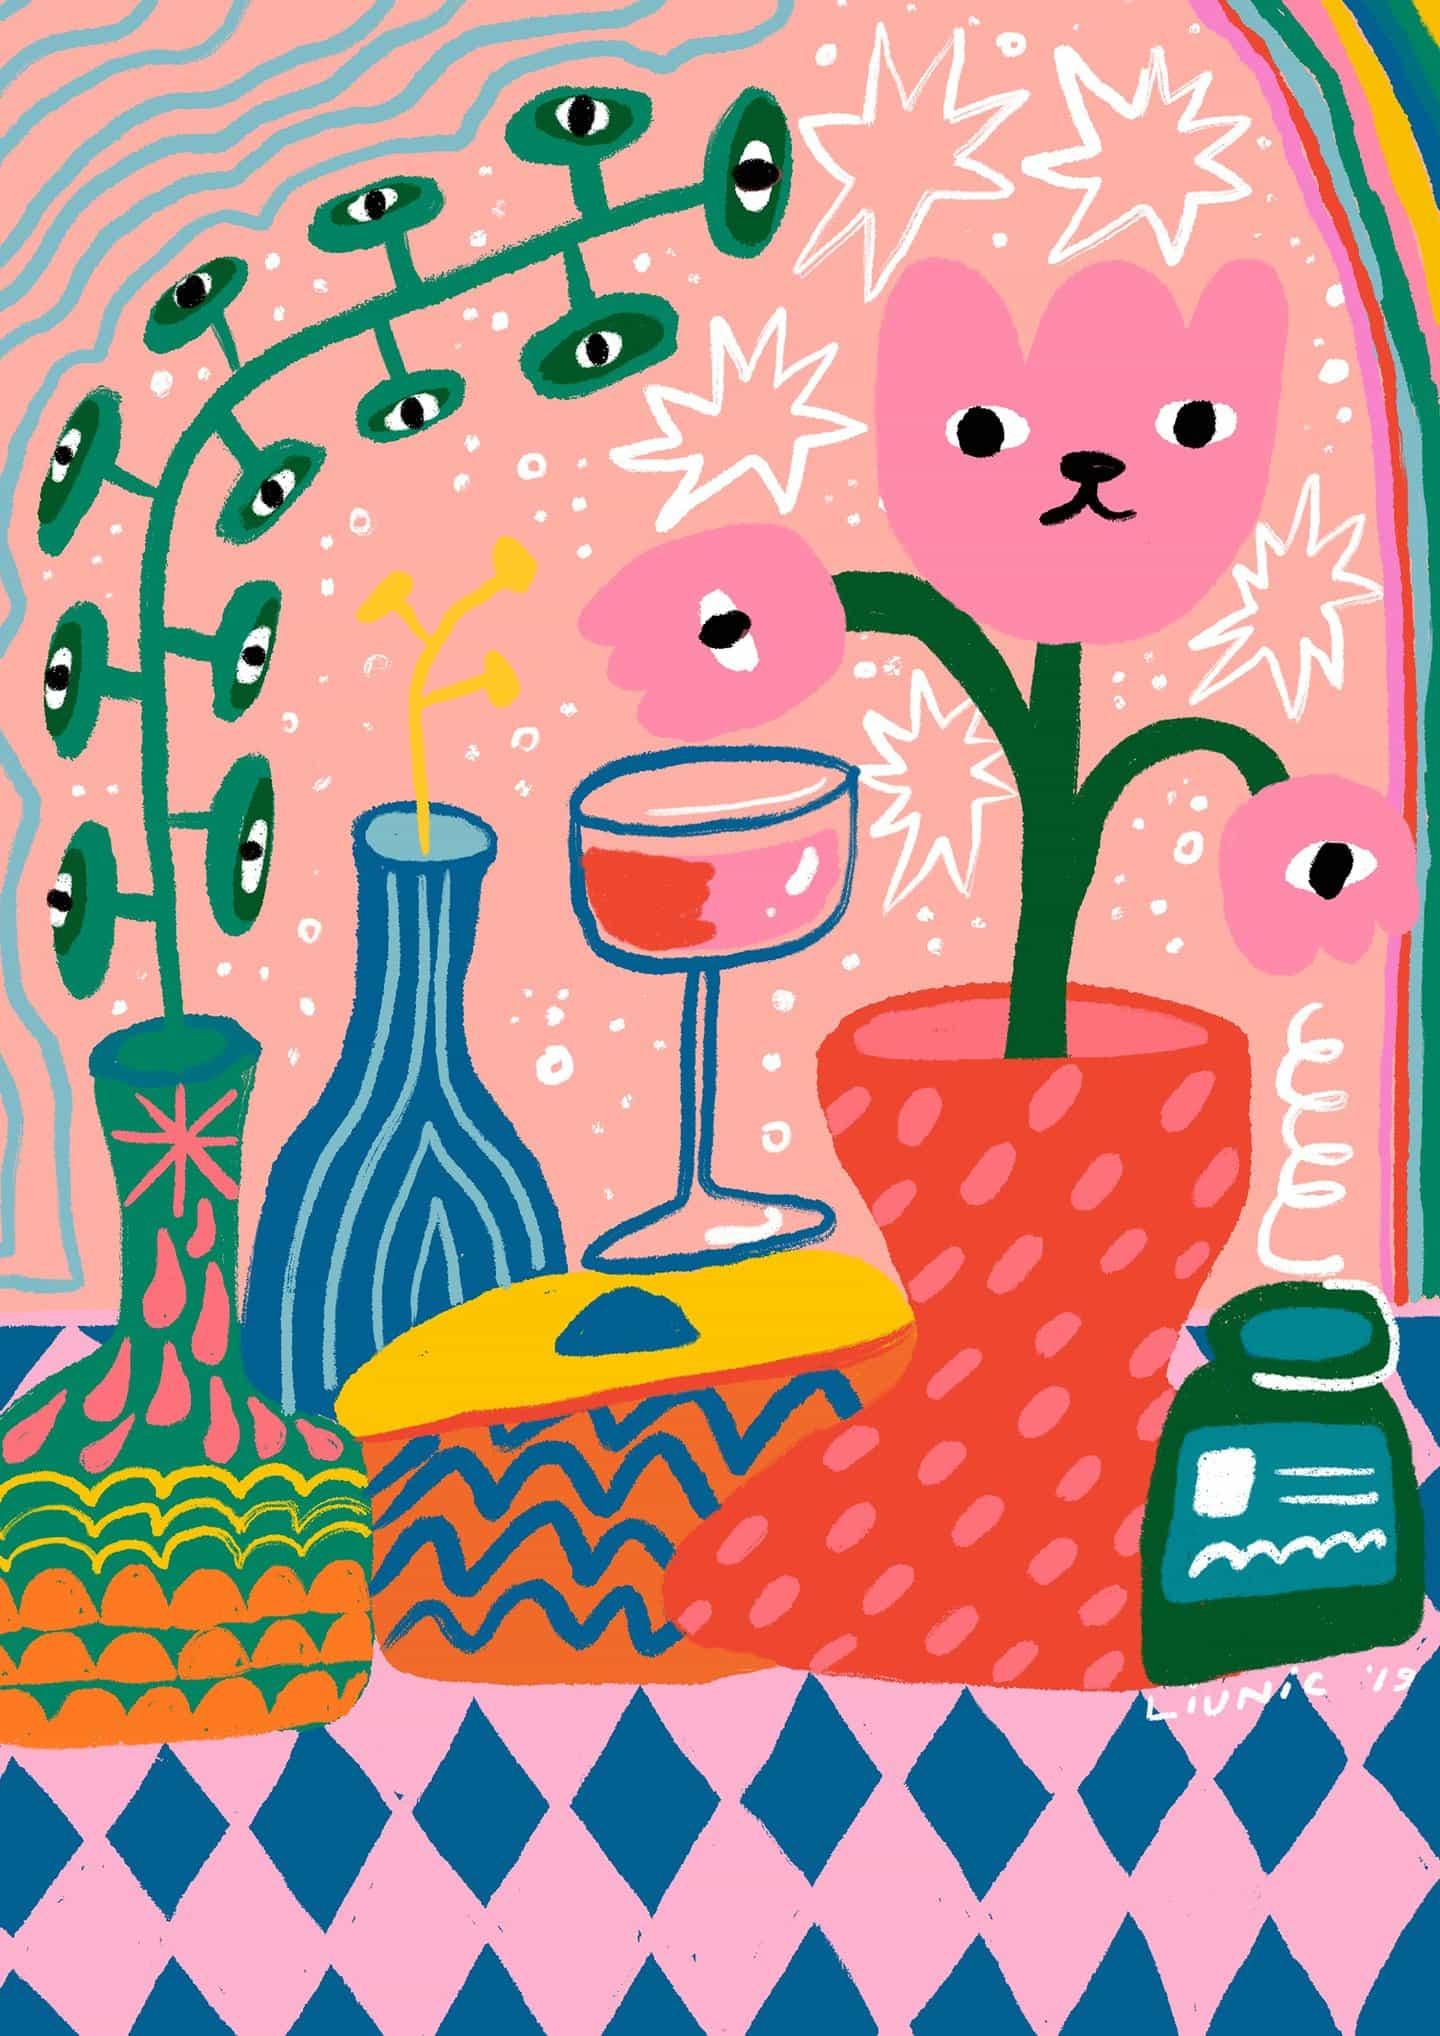 """Con colores vivos y personajes, obras de Martcellia Liunic son """"la combinación correcta de trippy lindo y"""""""